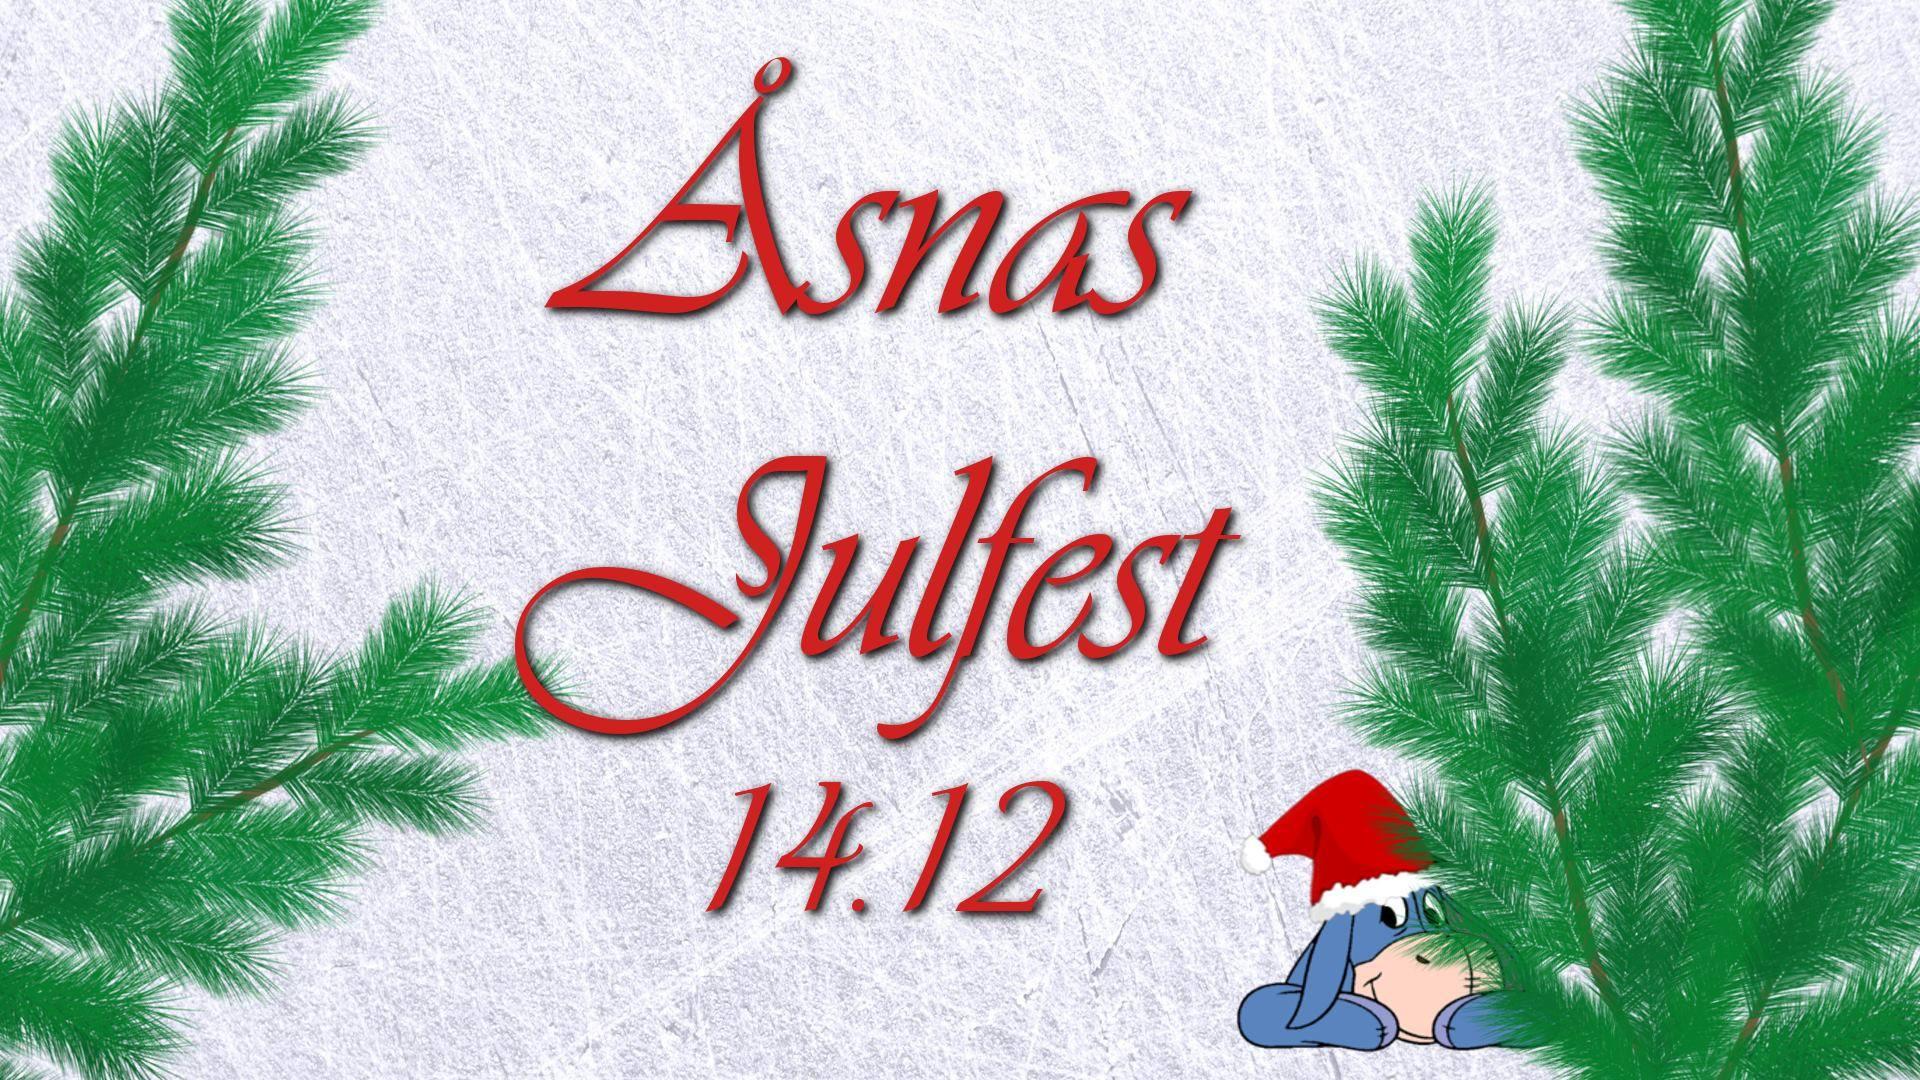 ÅsNas julfest